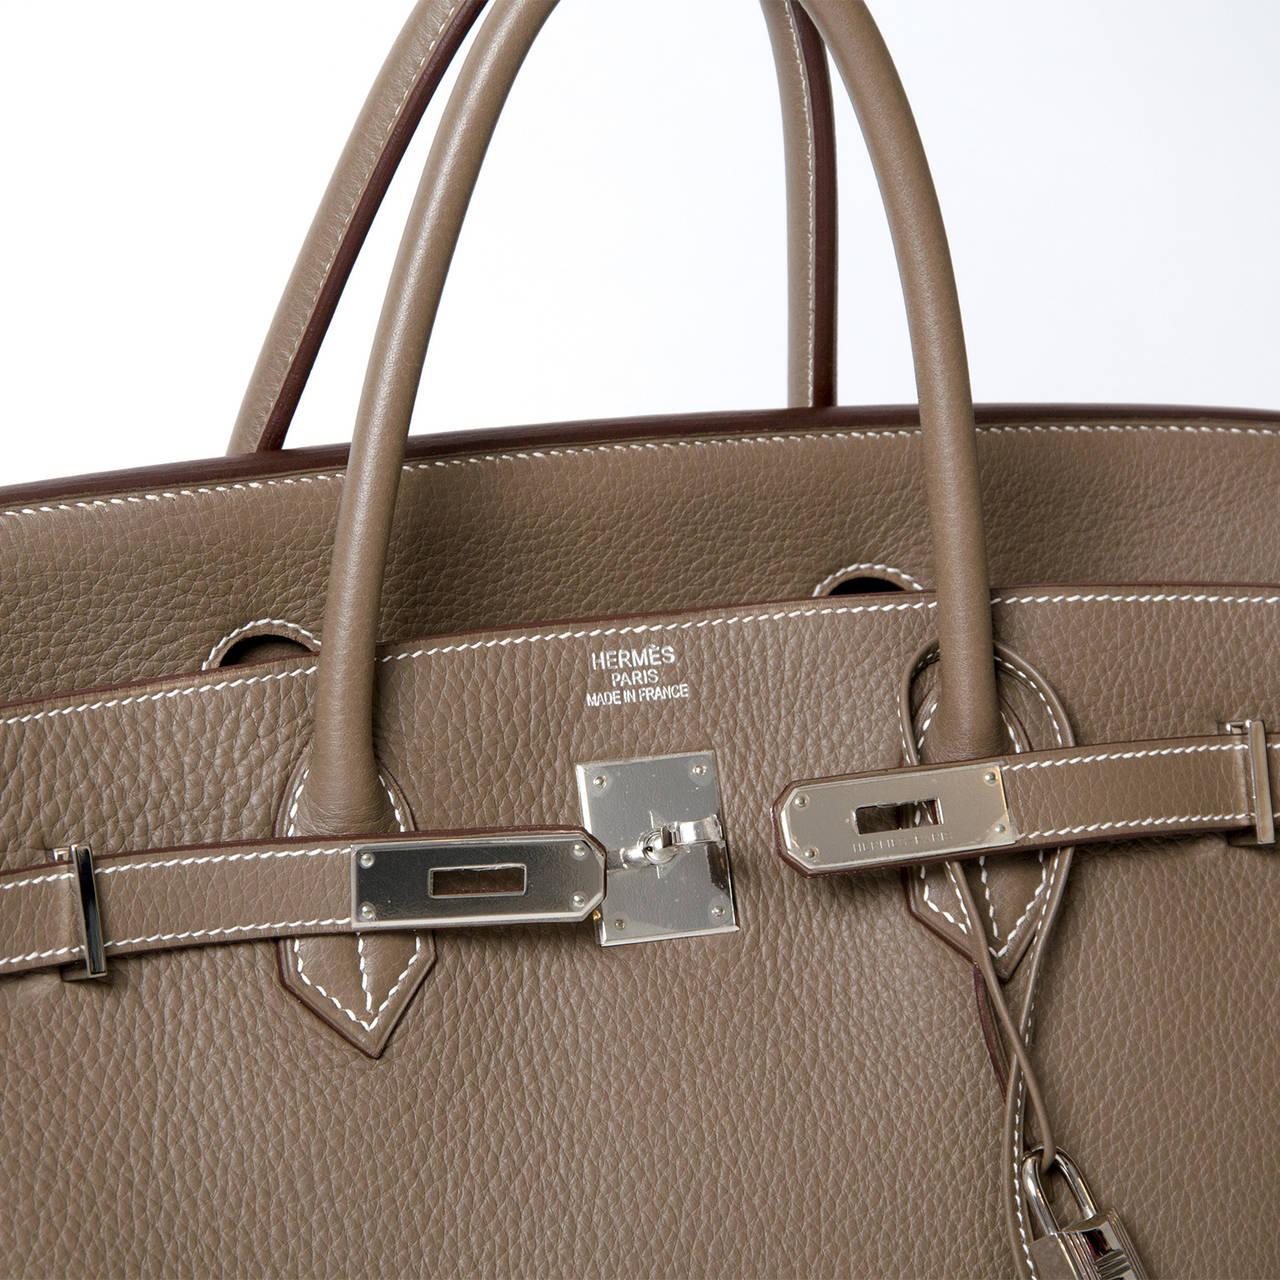 Hermès Birkin Bag 40cm Togo Etoupe Grey PHW 6